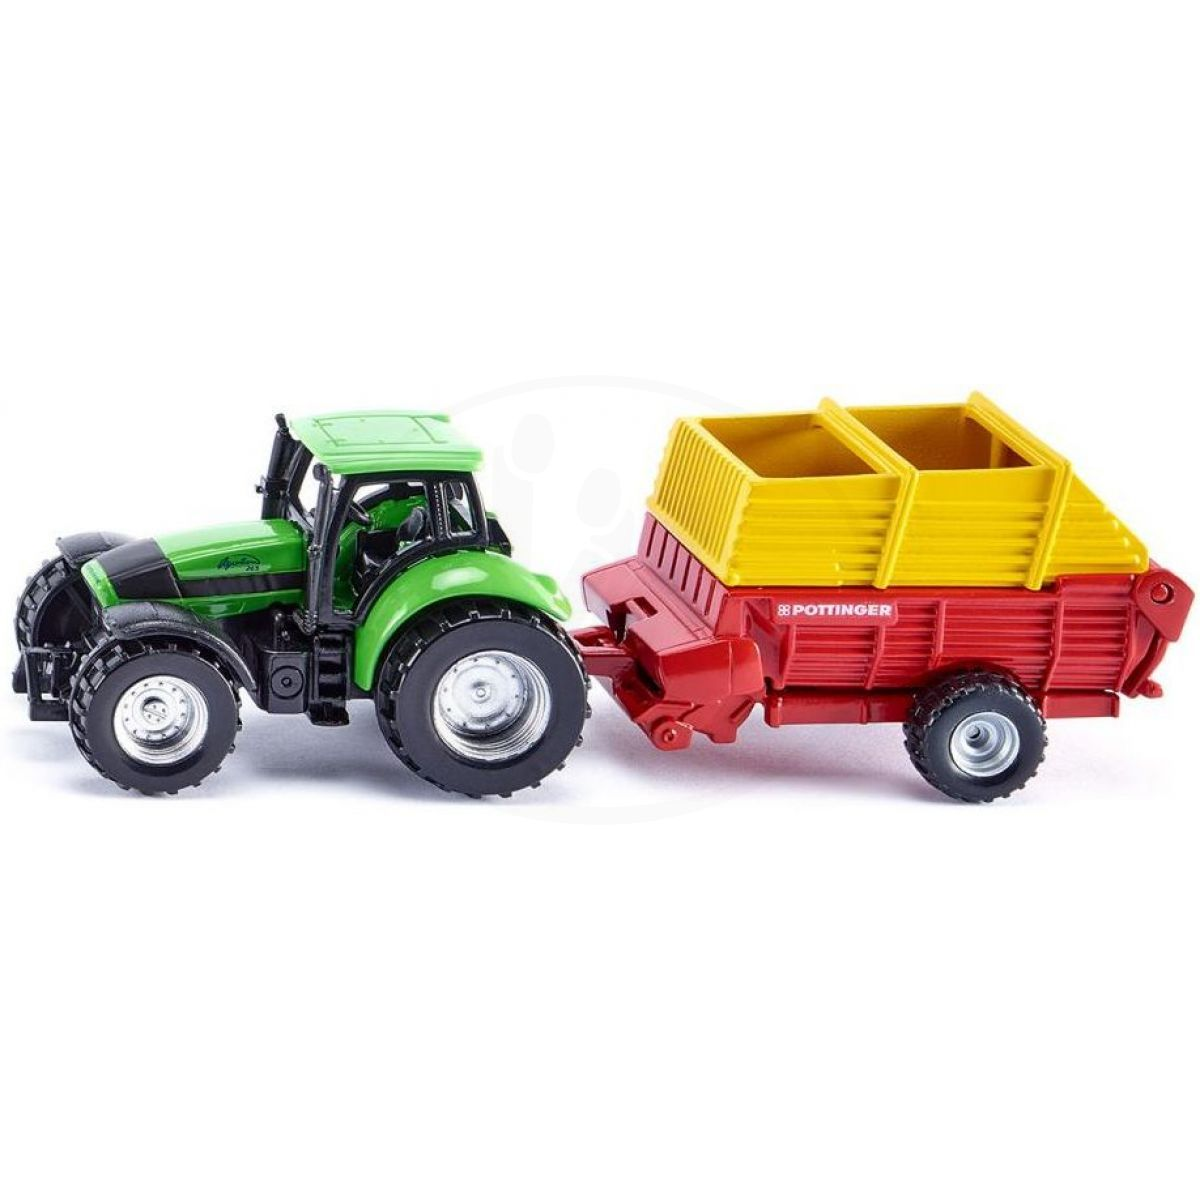 Siku 1676 traktor s vlekem